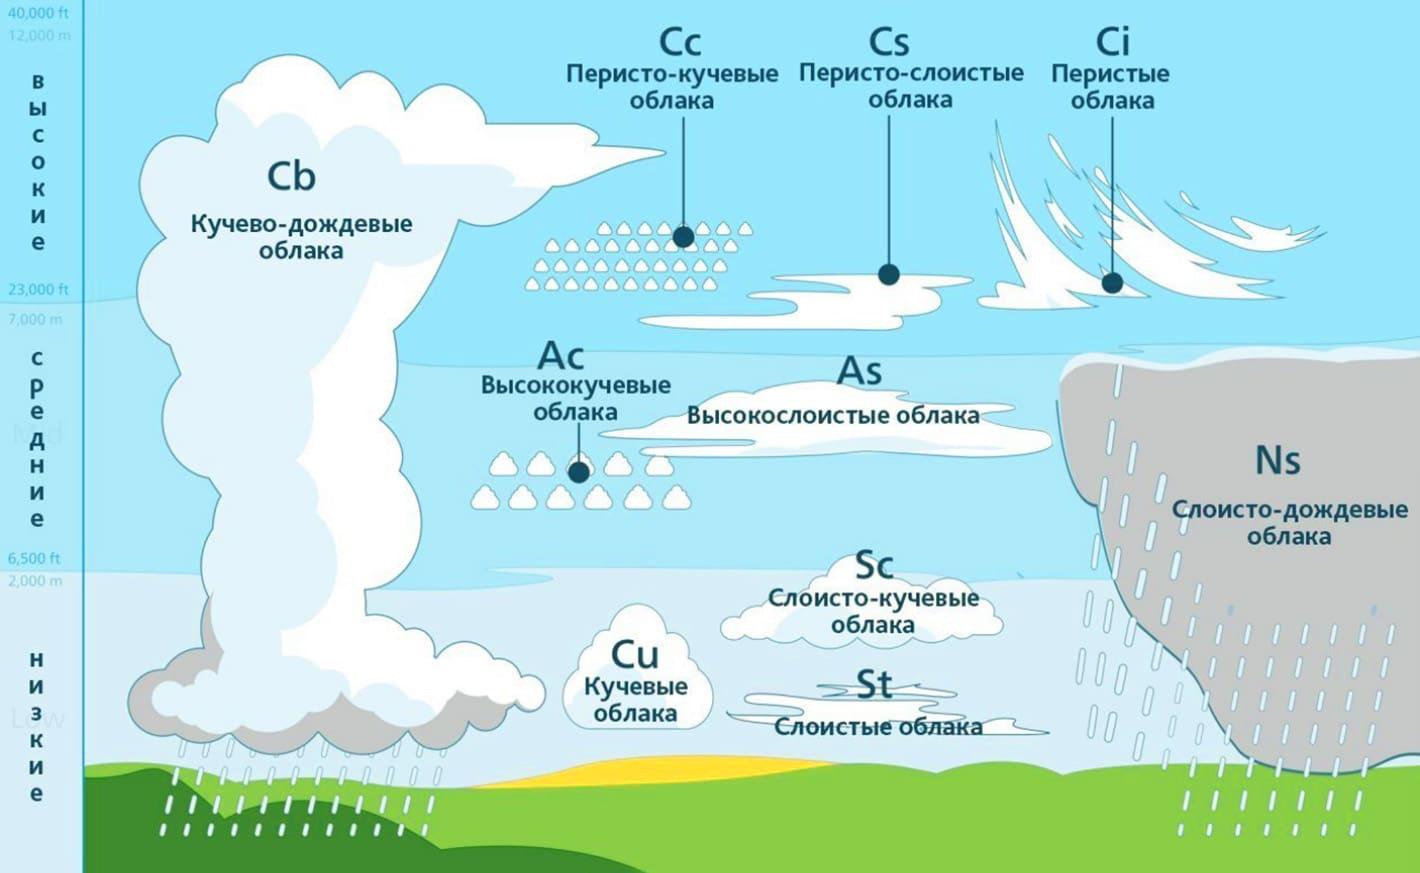 Зоны расположения облаков